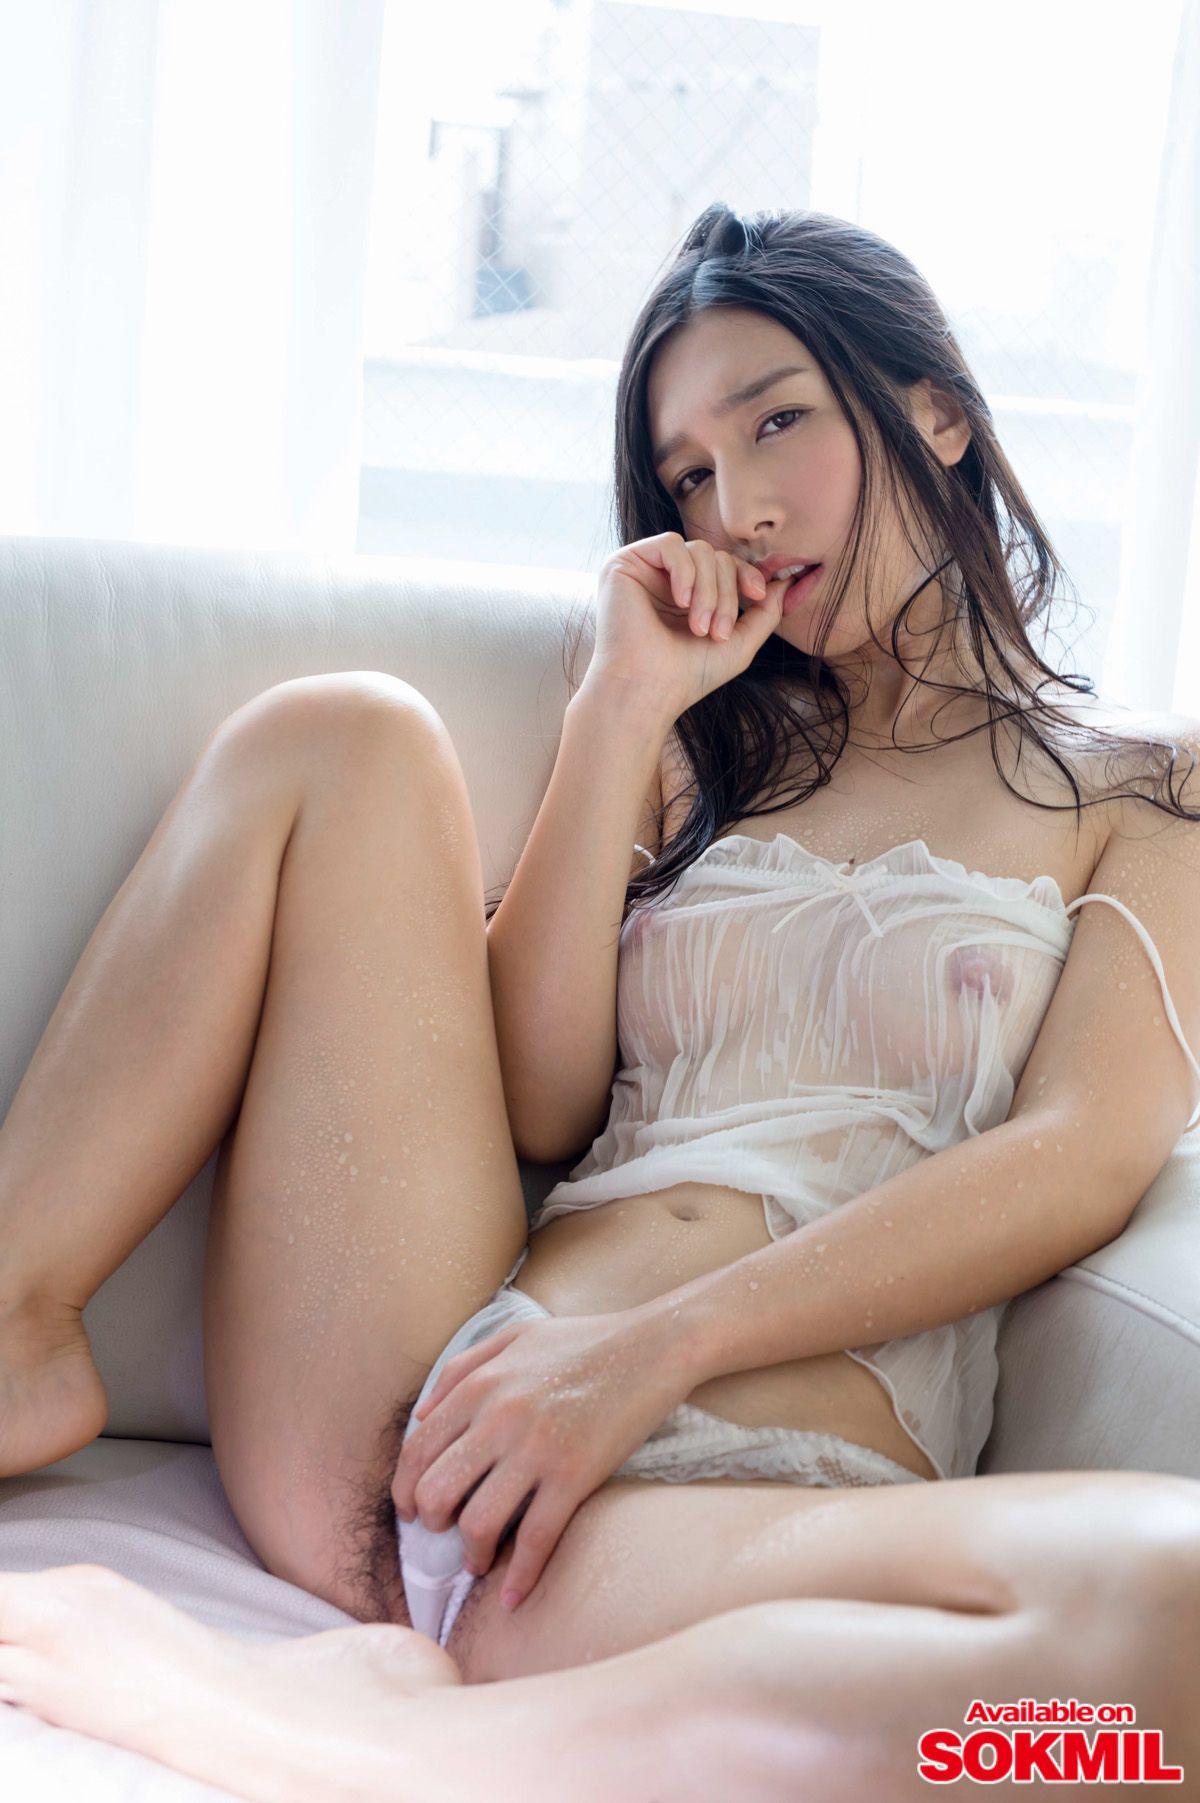 Virgin pussy pics vid